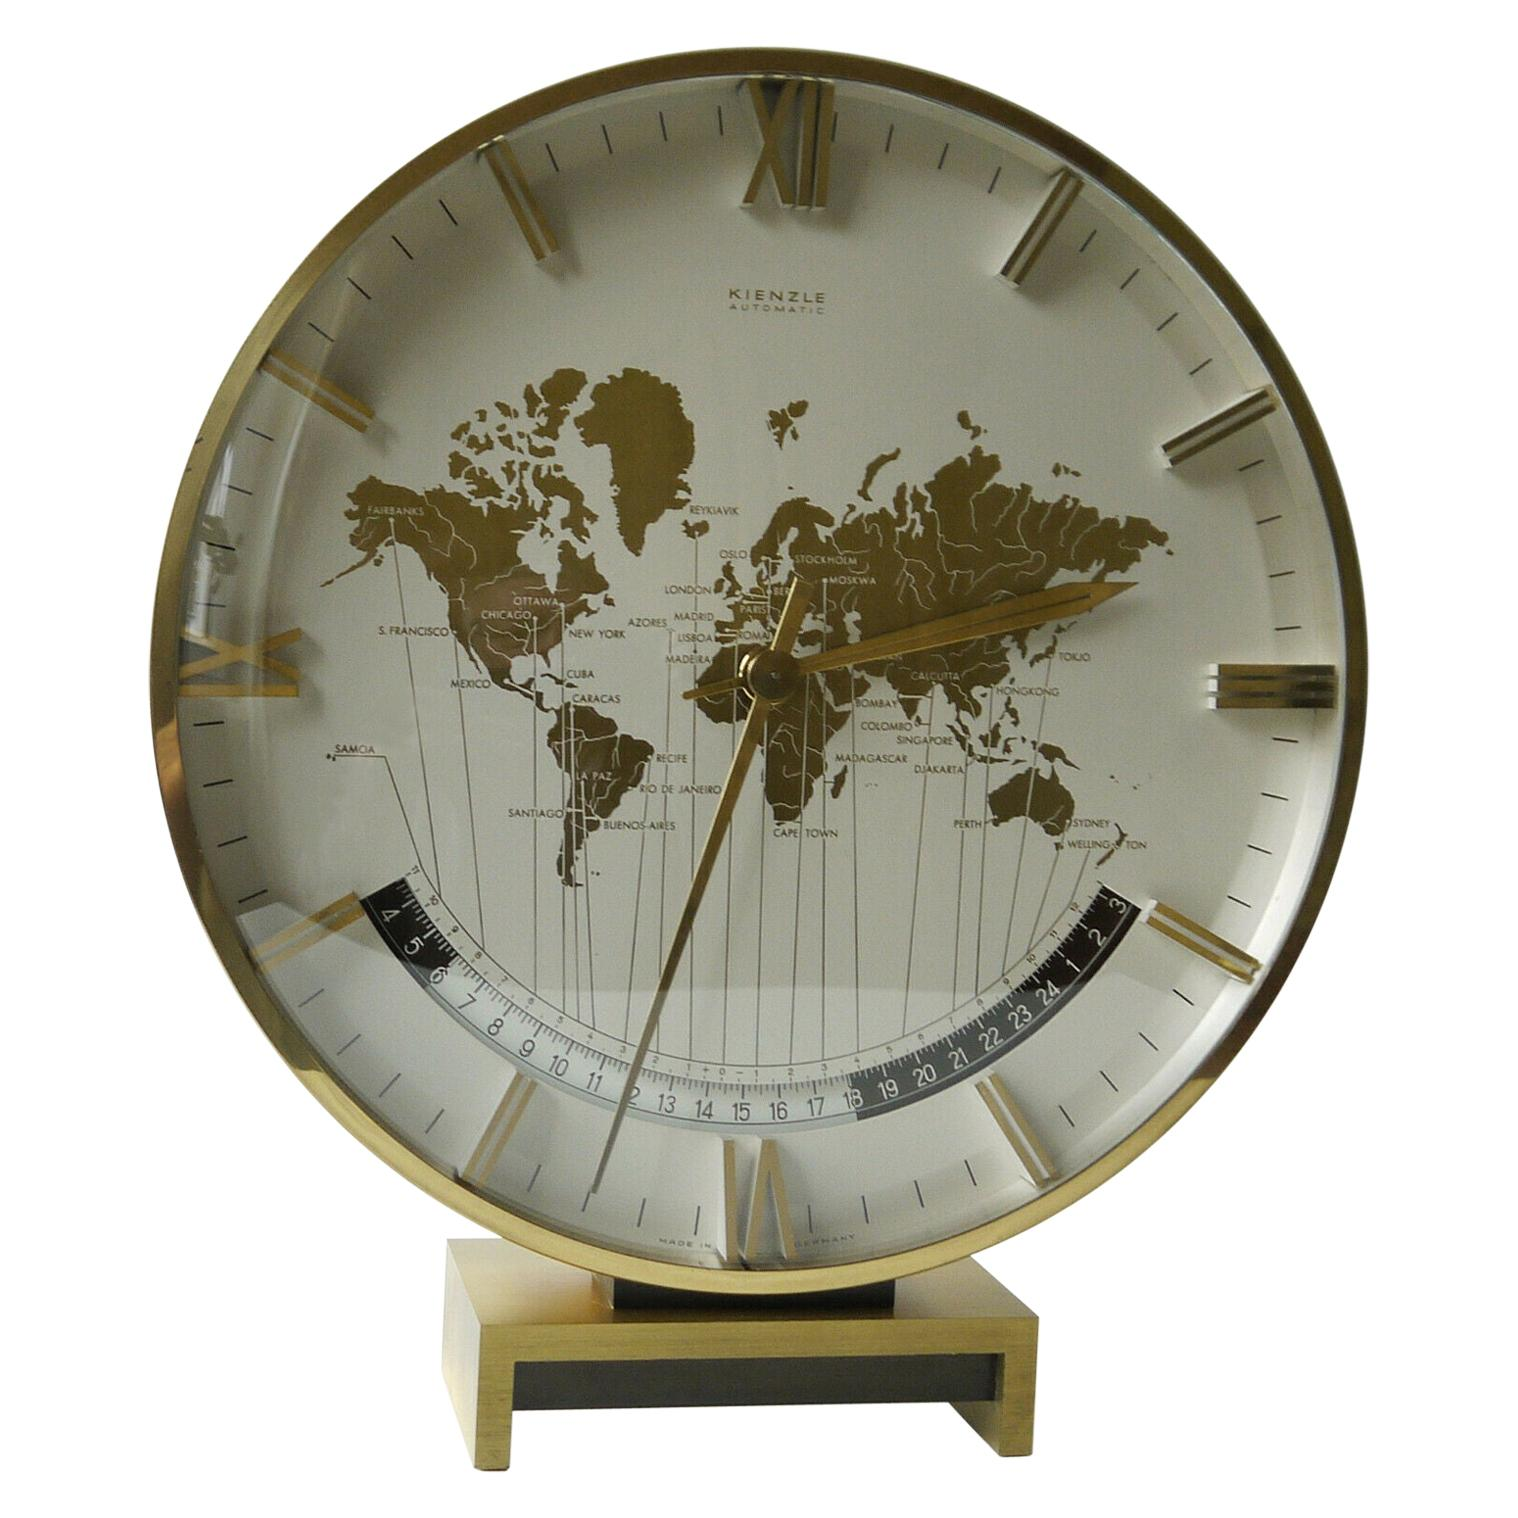 Big Kienzle Weltzeituhr Modernist Table World Timer Zone Clock, 1960s